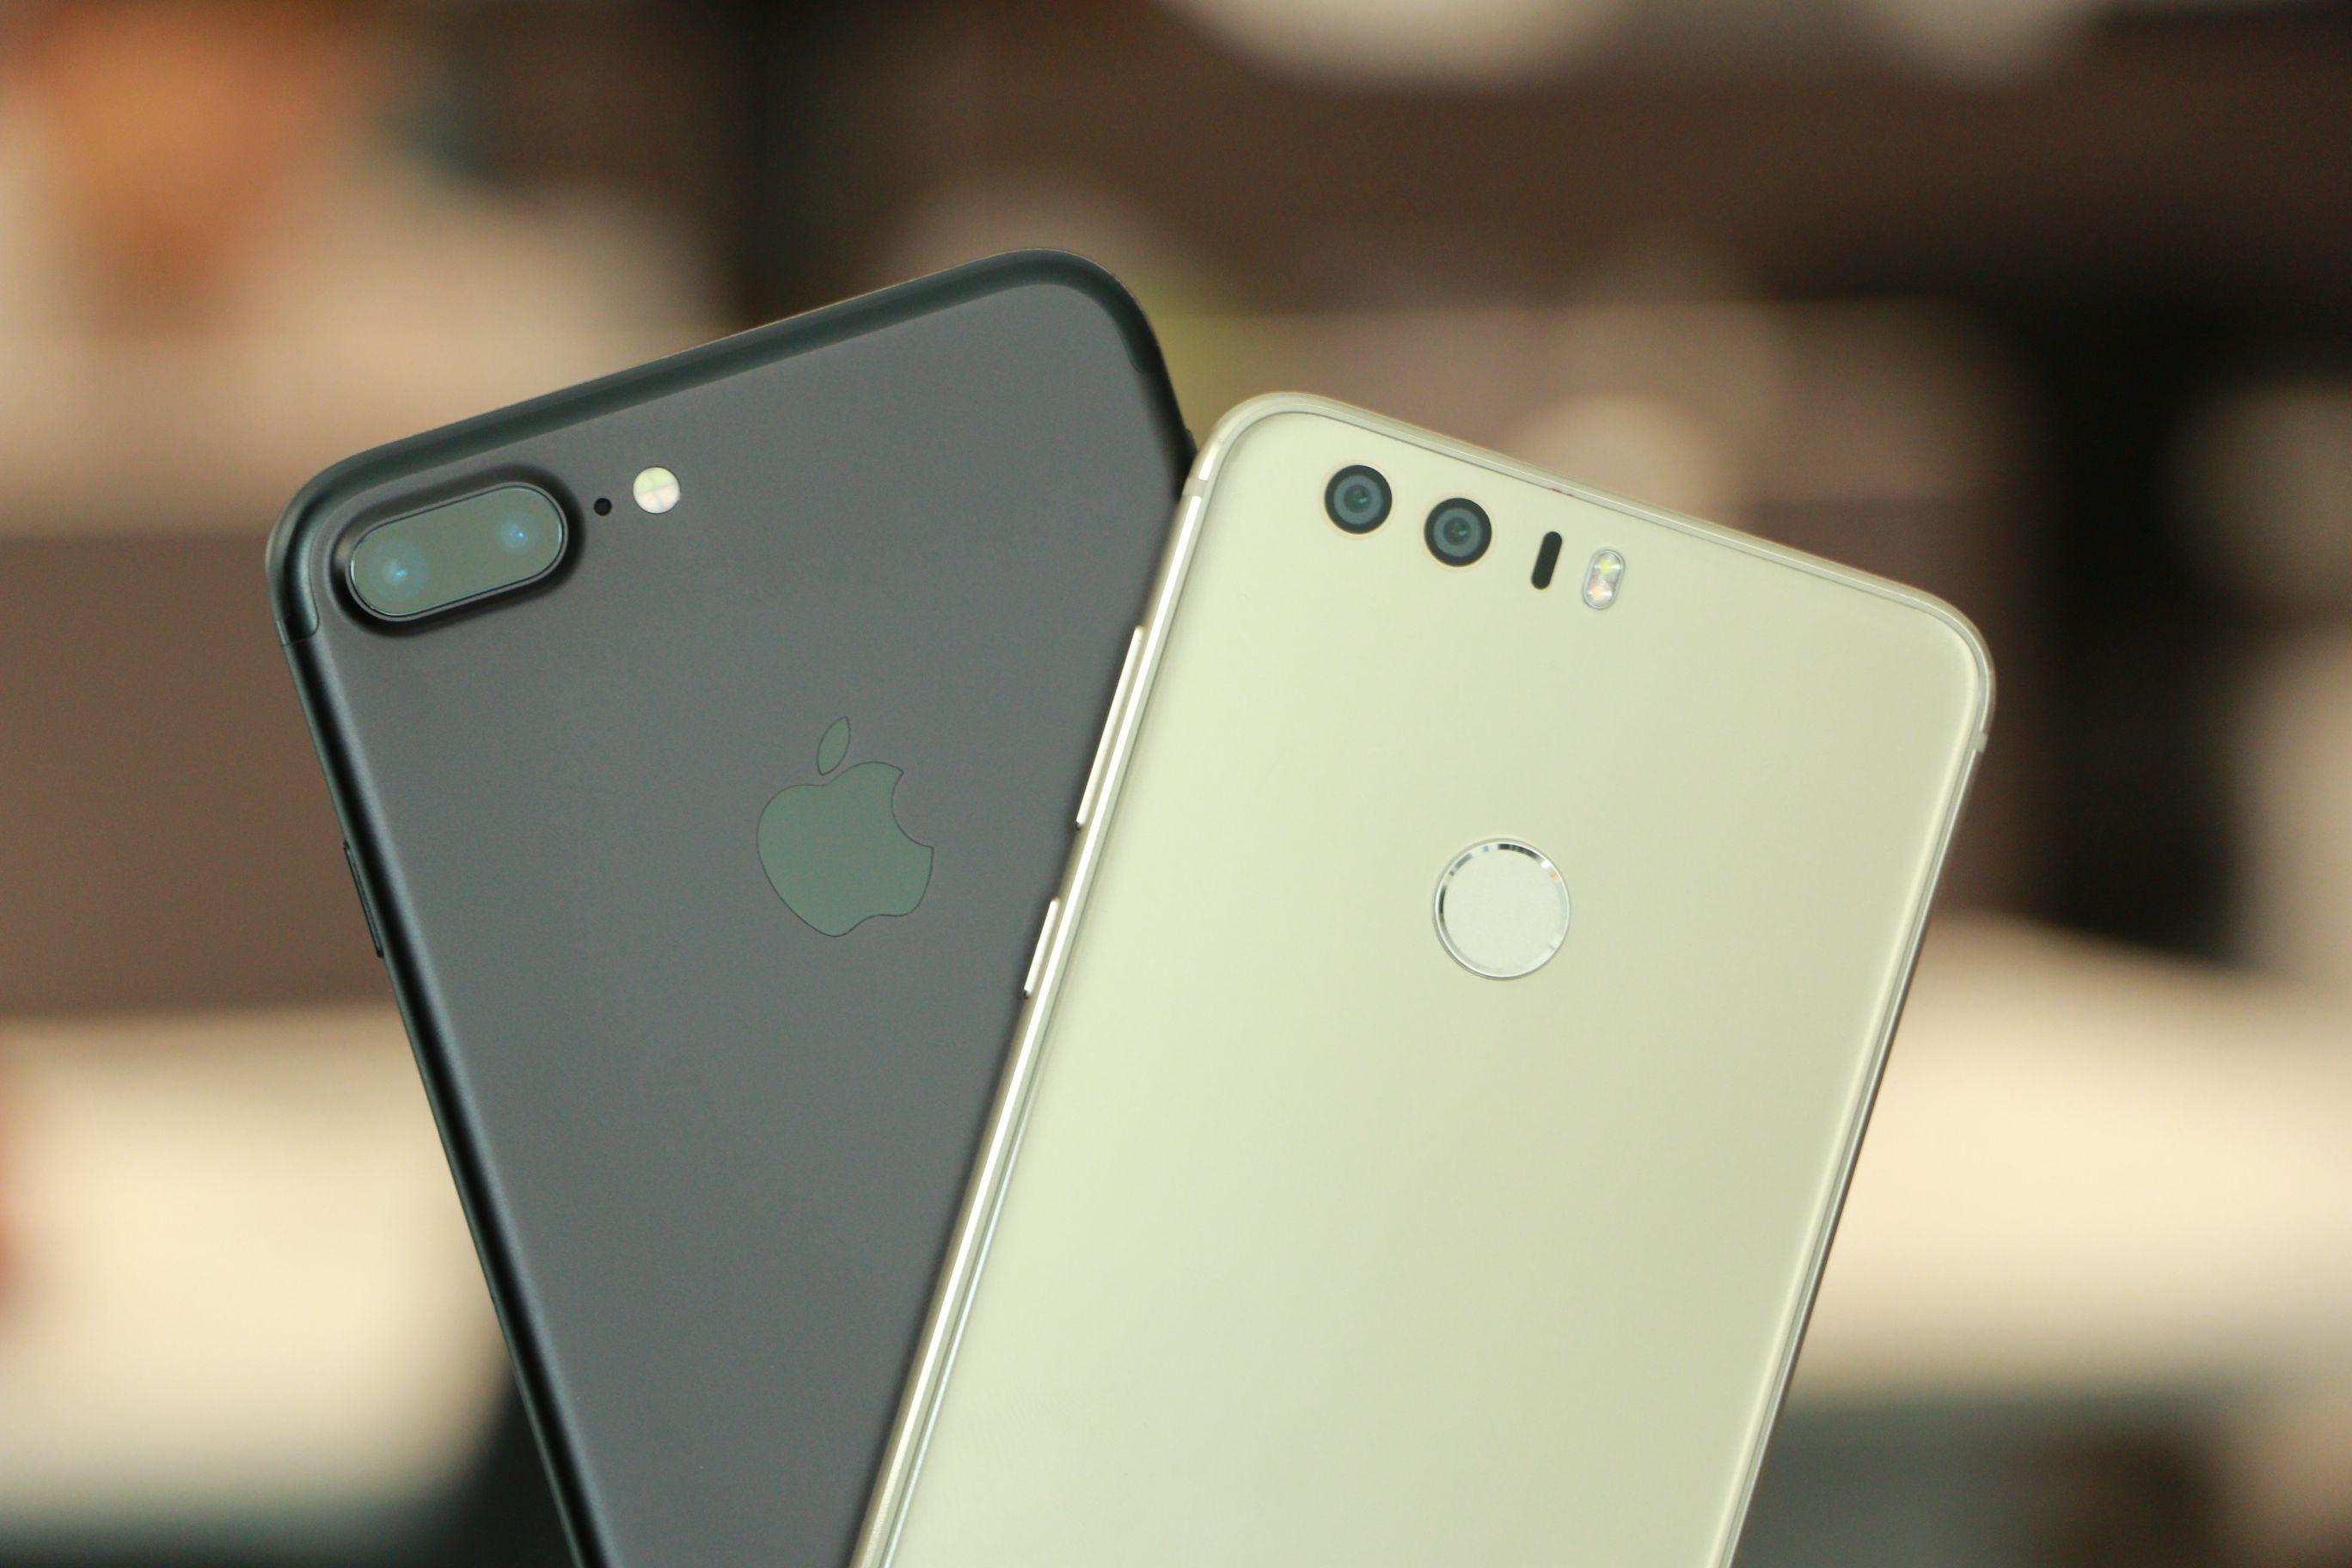 honor_8_vs_iphone_7_plus_featured